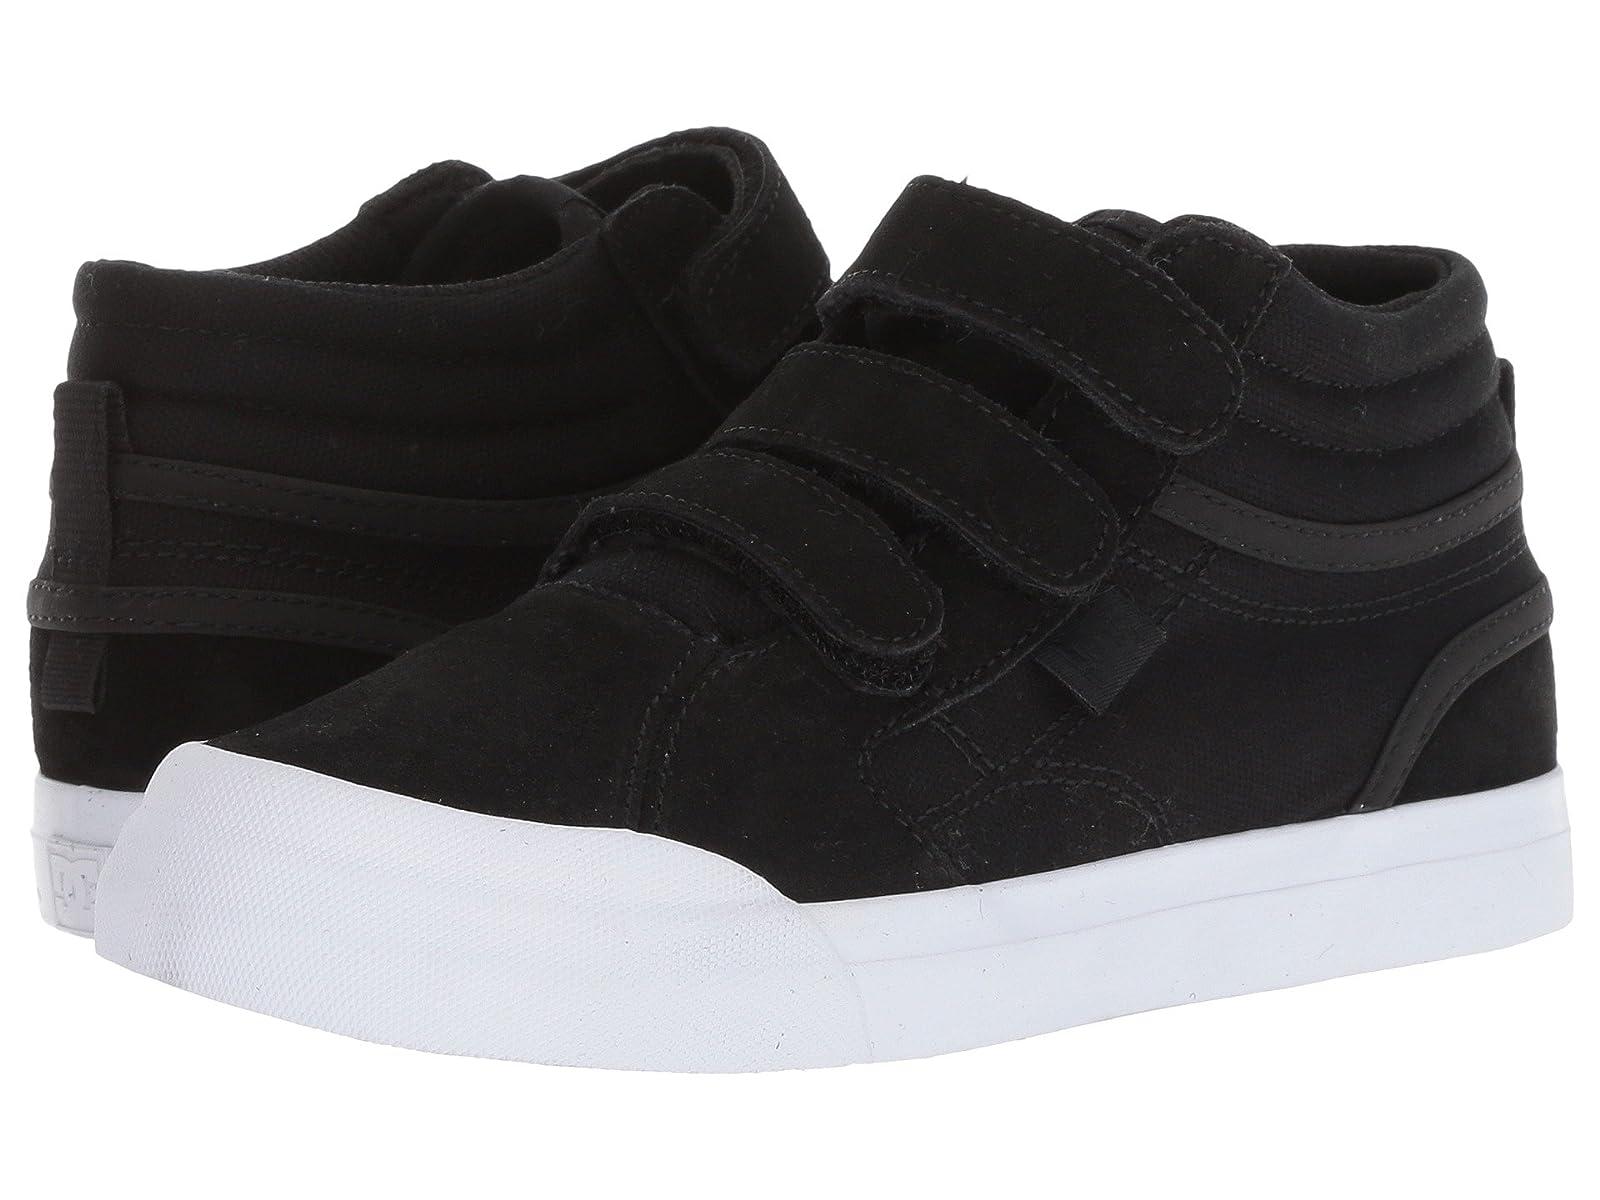 DC Kids Evan Hi V (Little Kid/Big Kid)Atmospheric grades have affordable shoes